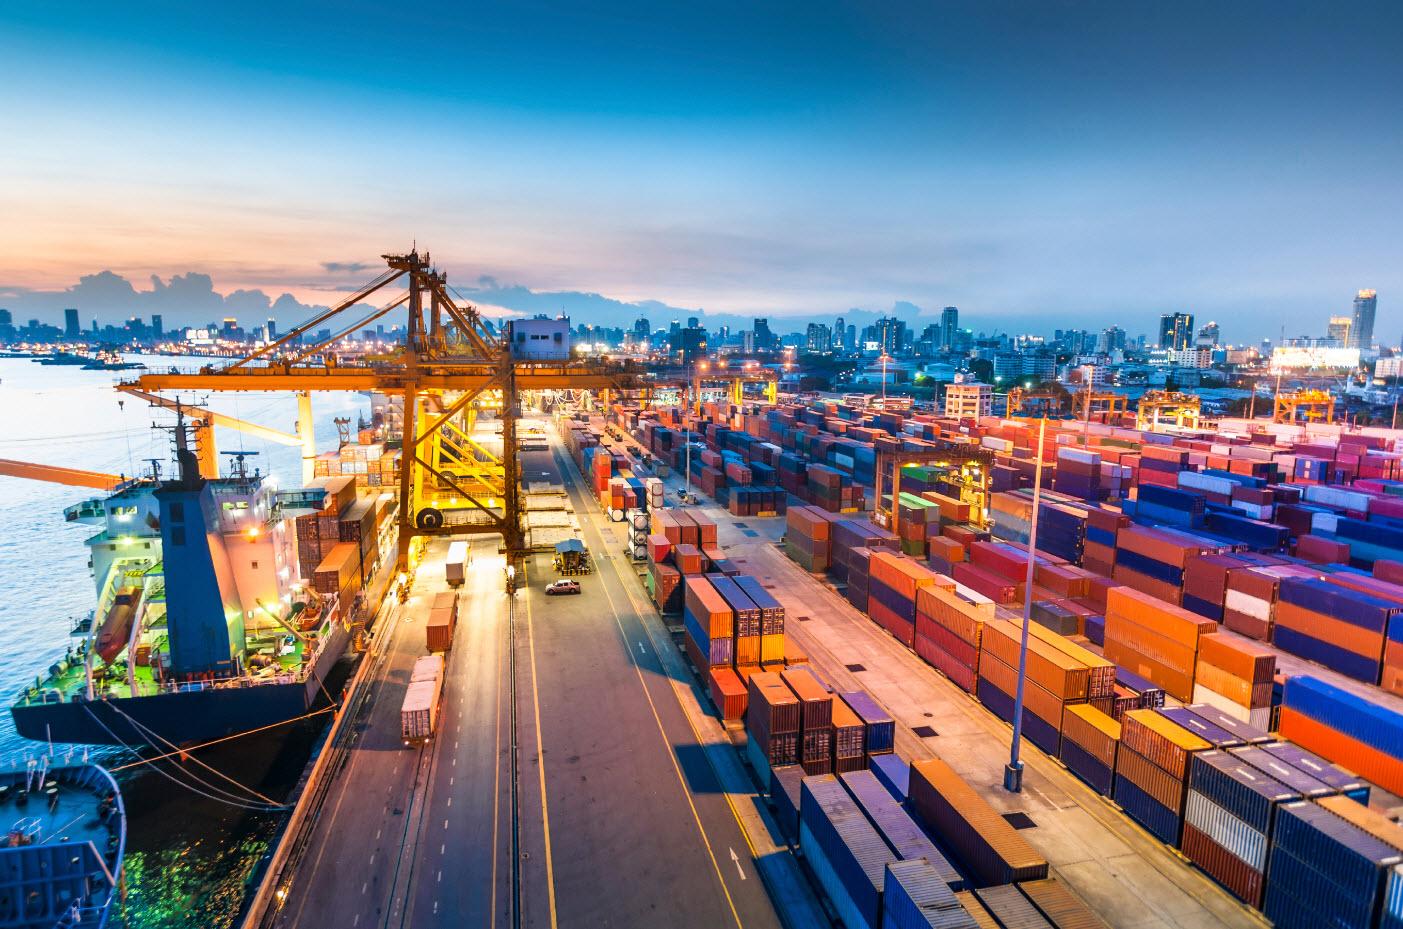 Tư vấn vận chuyển đường biển mặt hàng xe kéo đi Hàn Quốc